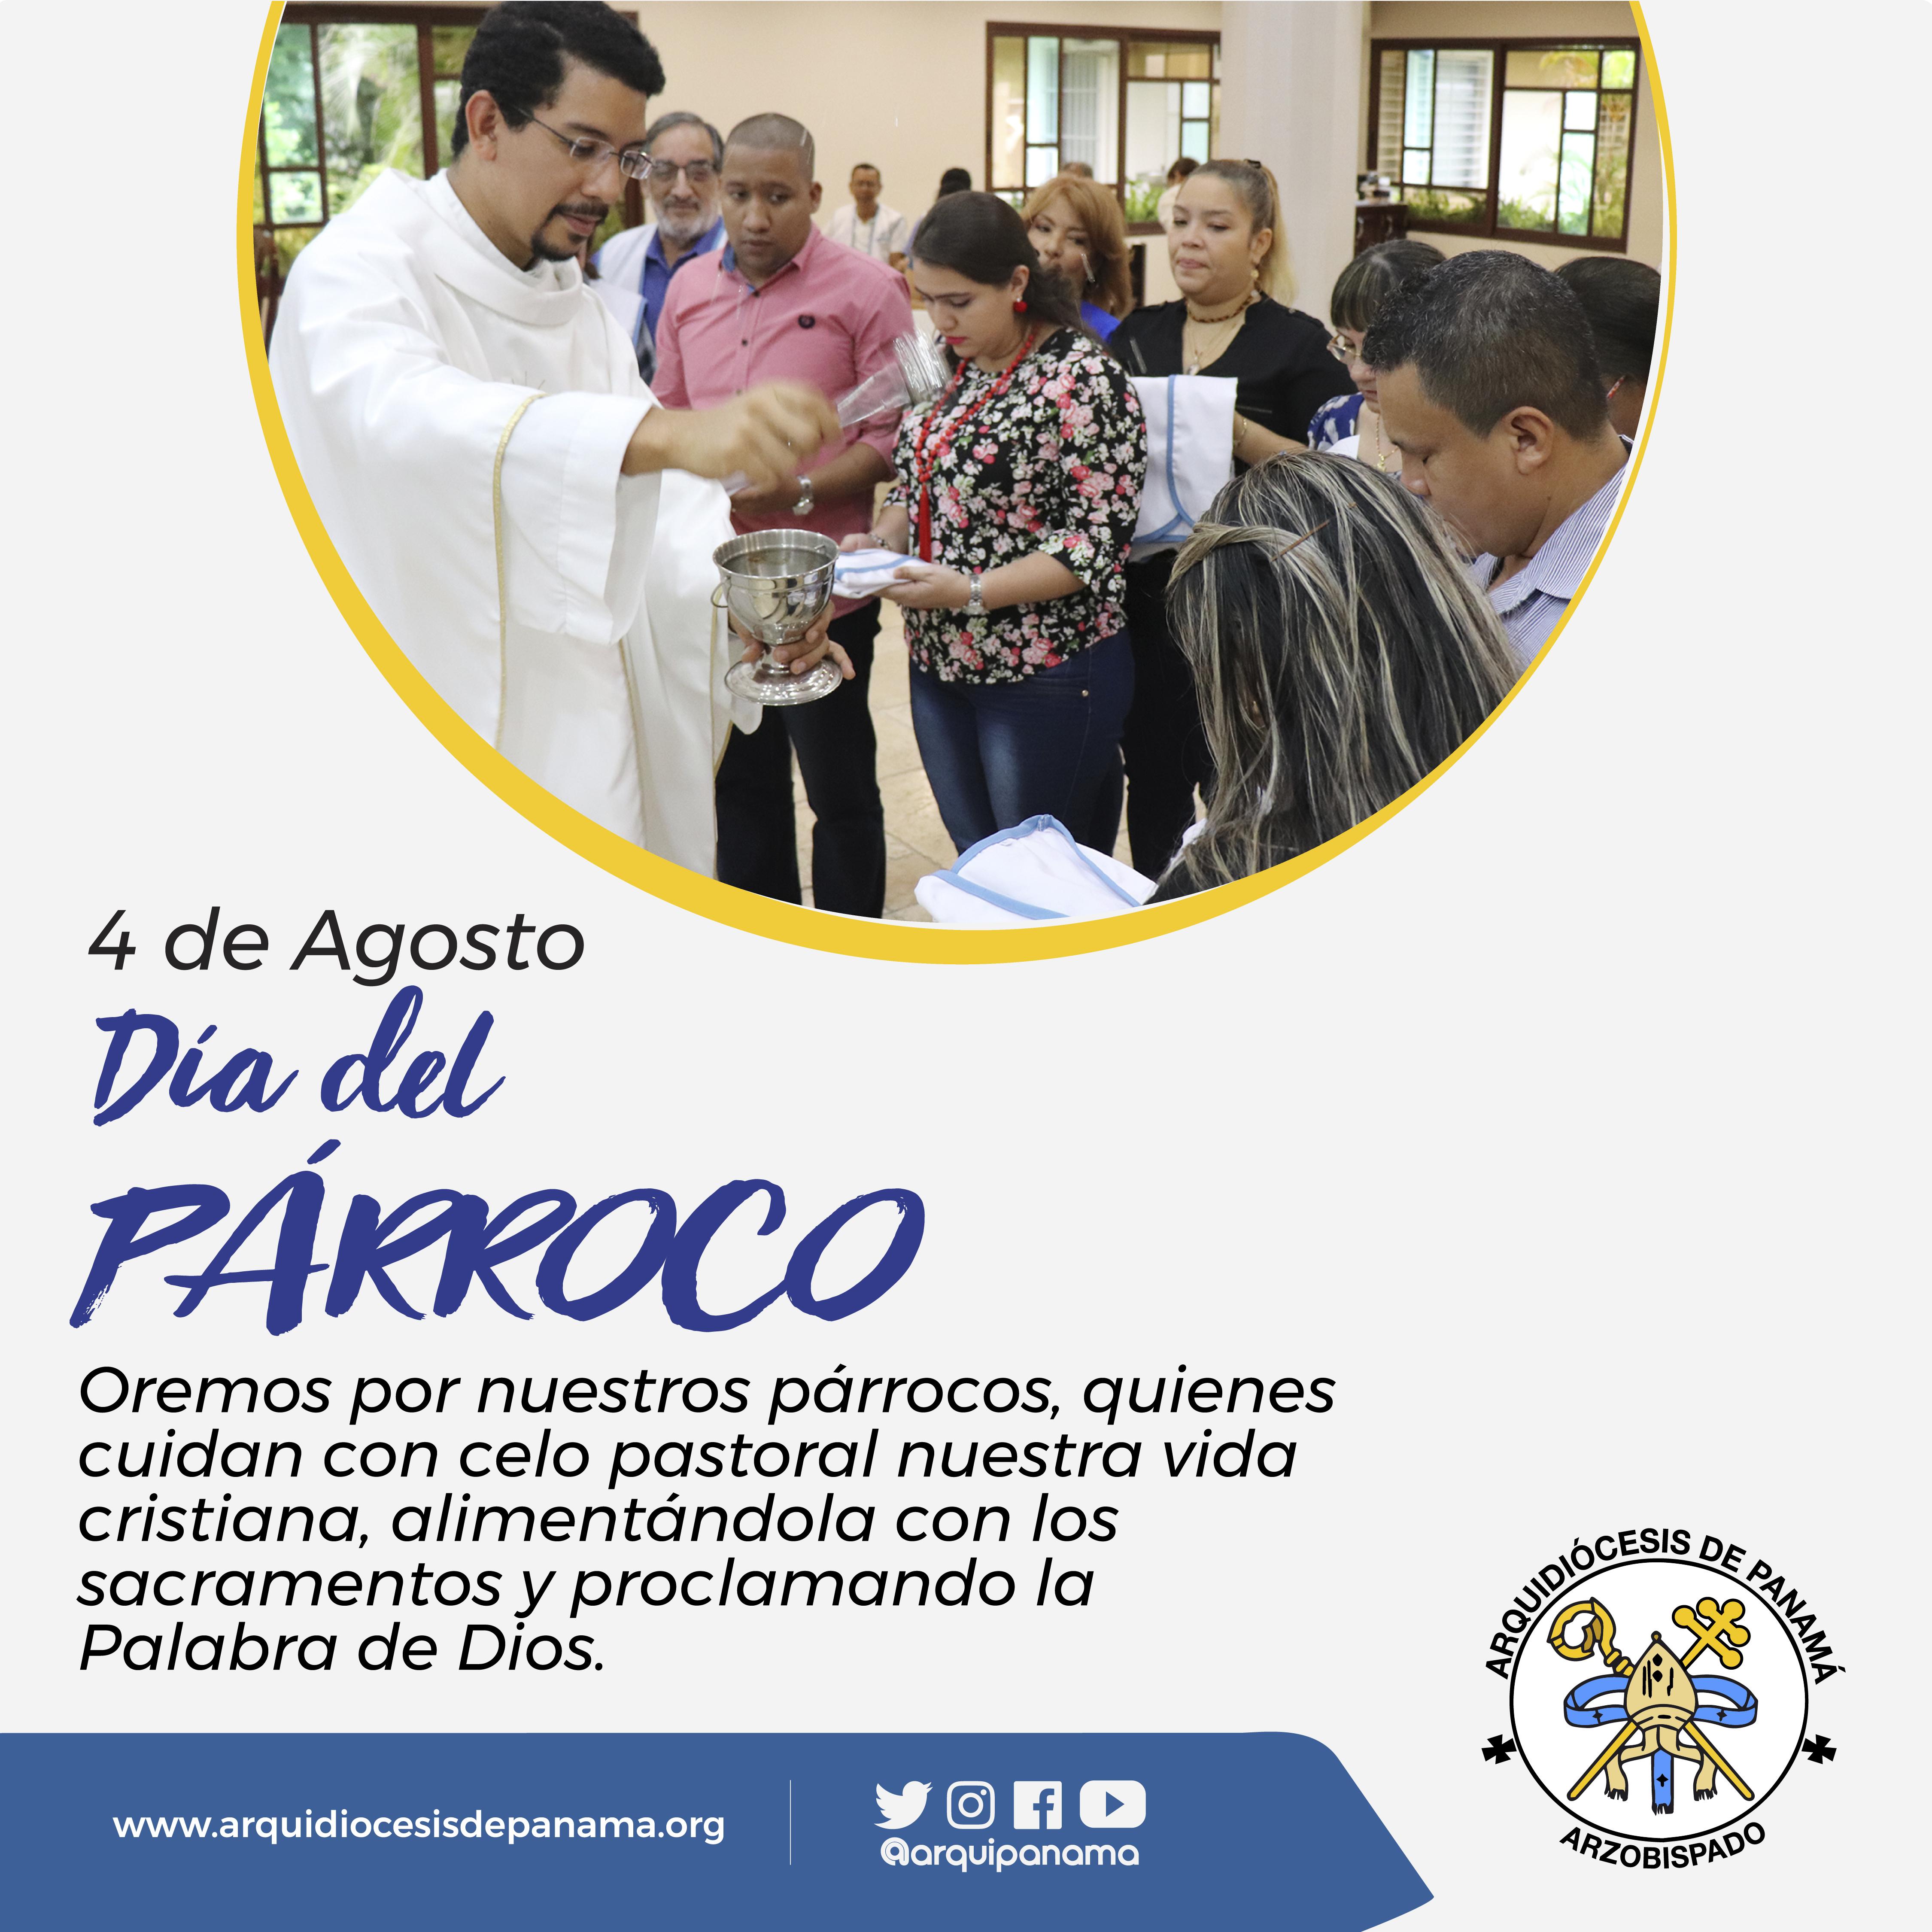 MENSAJE EN EL DIA DEL PÁRROCO 2019